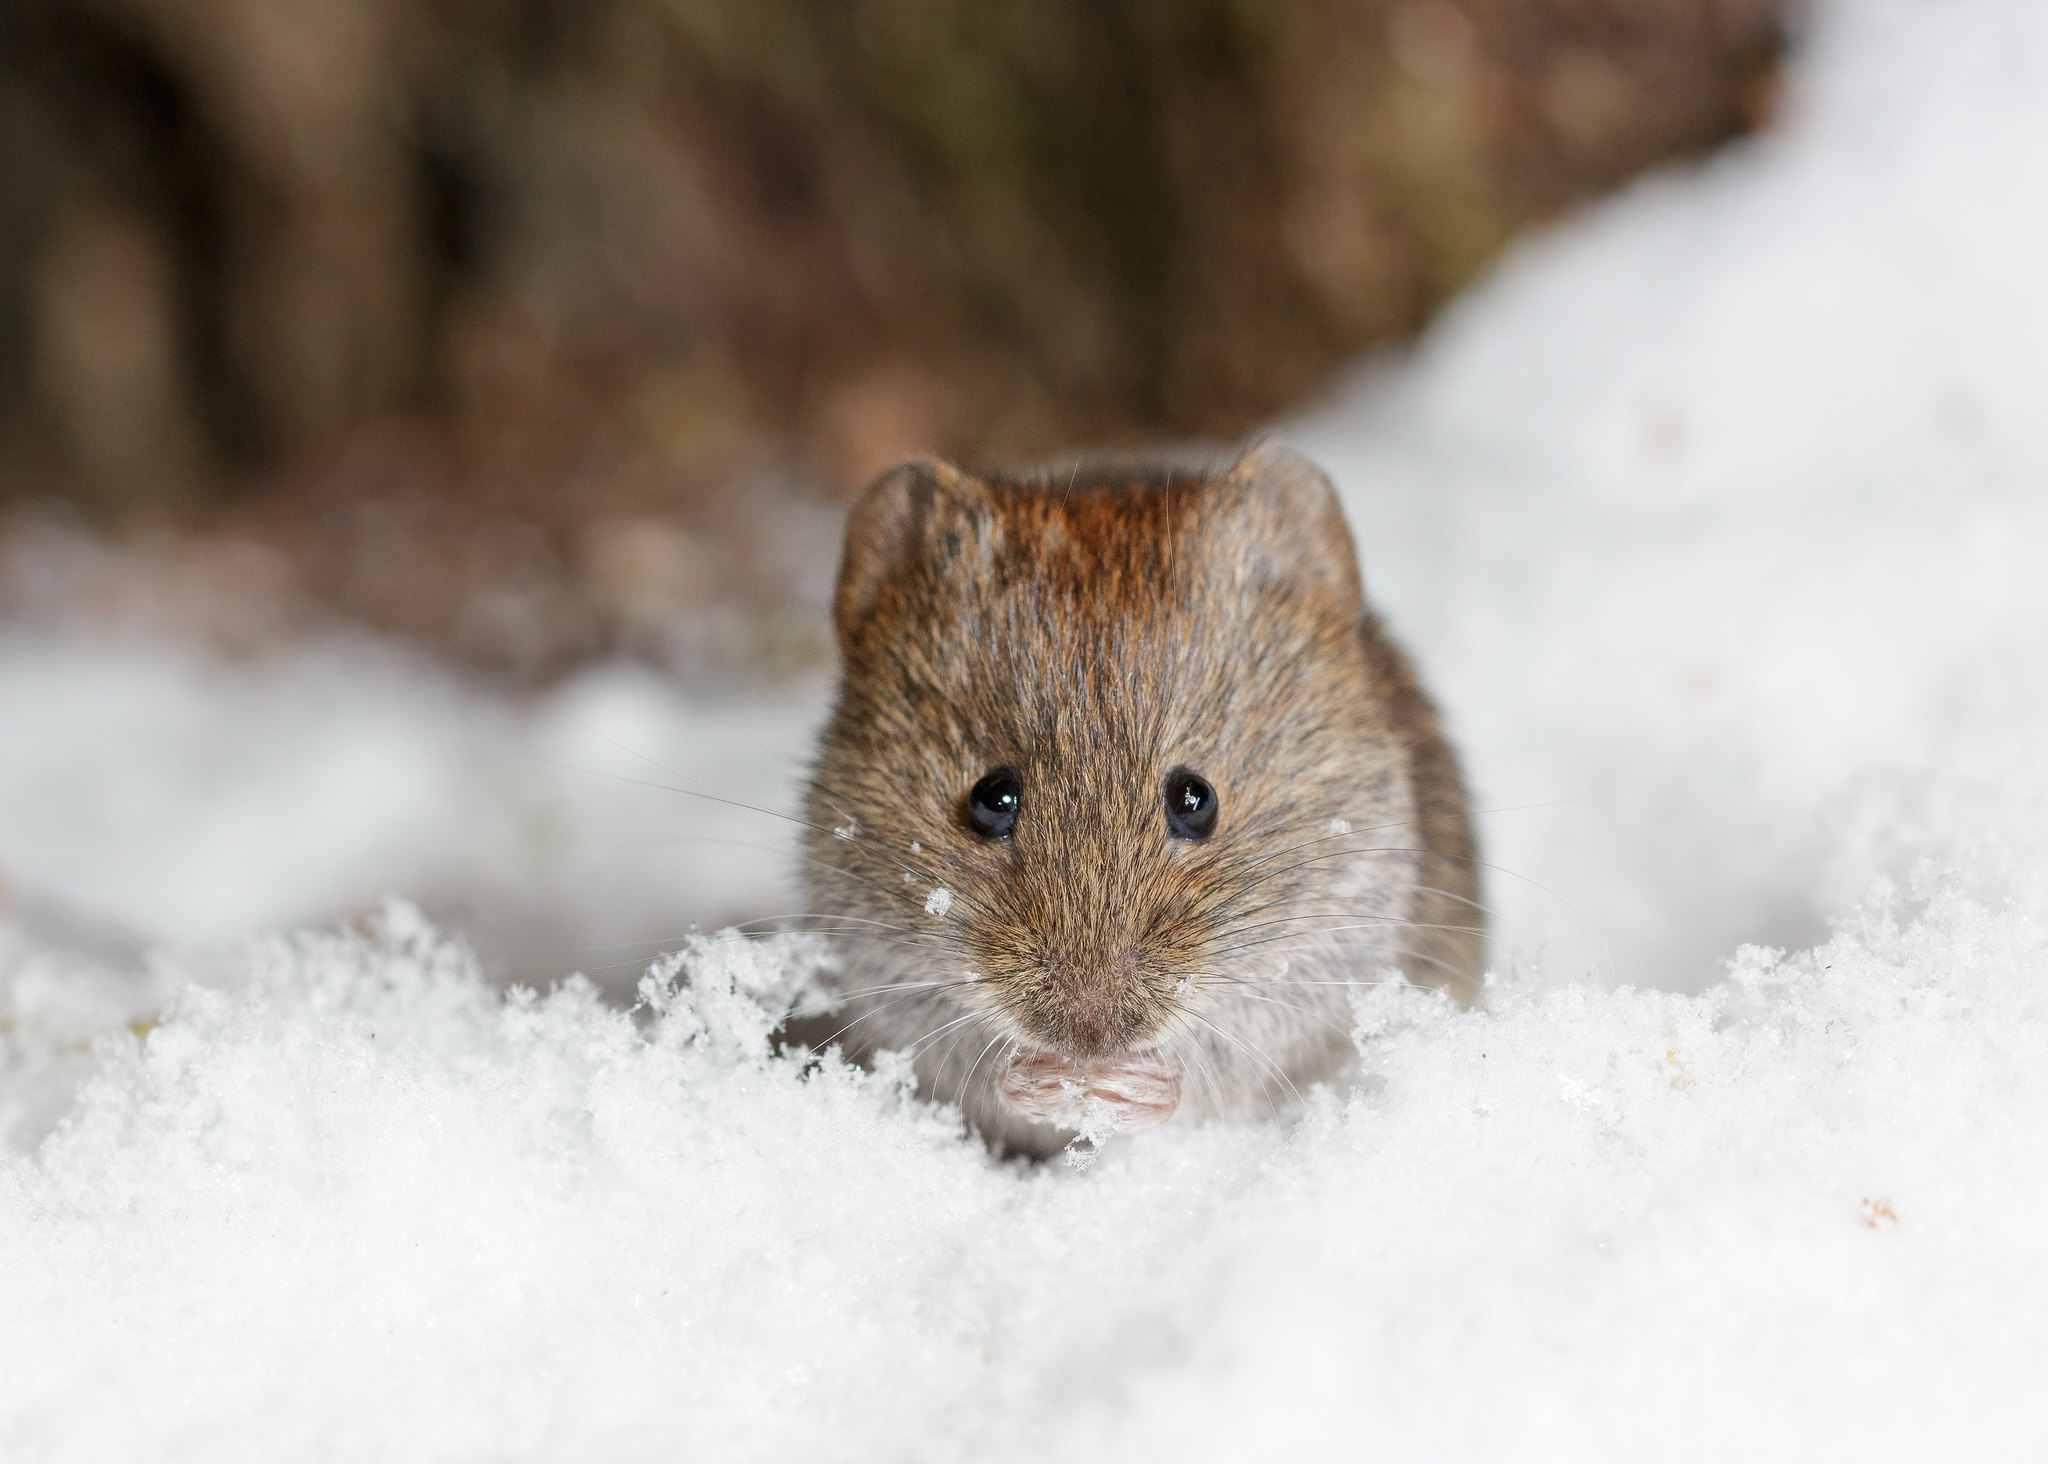 Overwinteren-een muis in de sneeuw